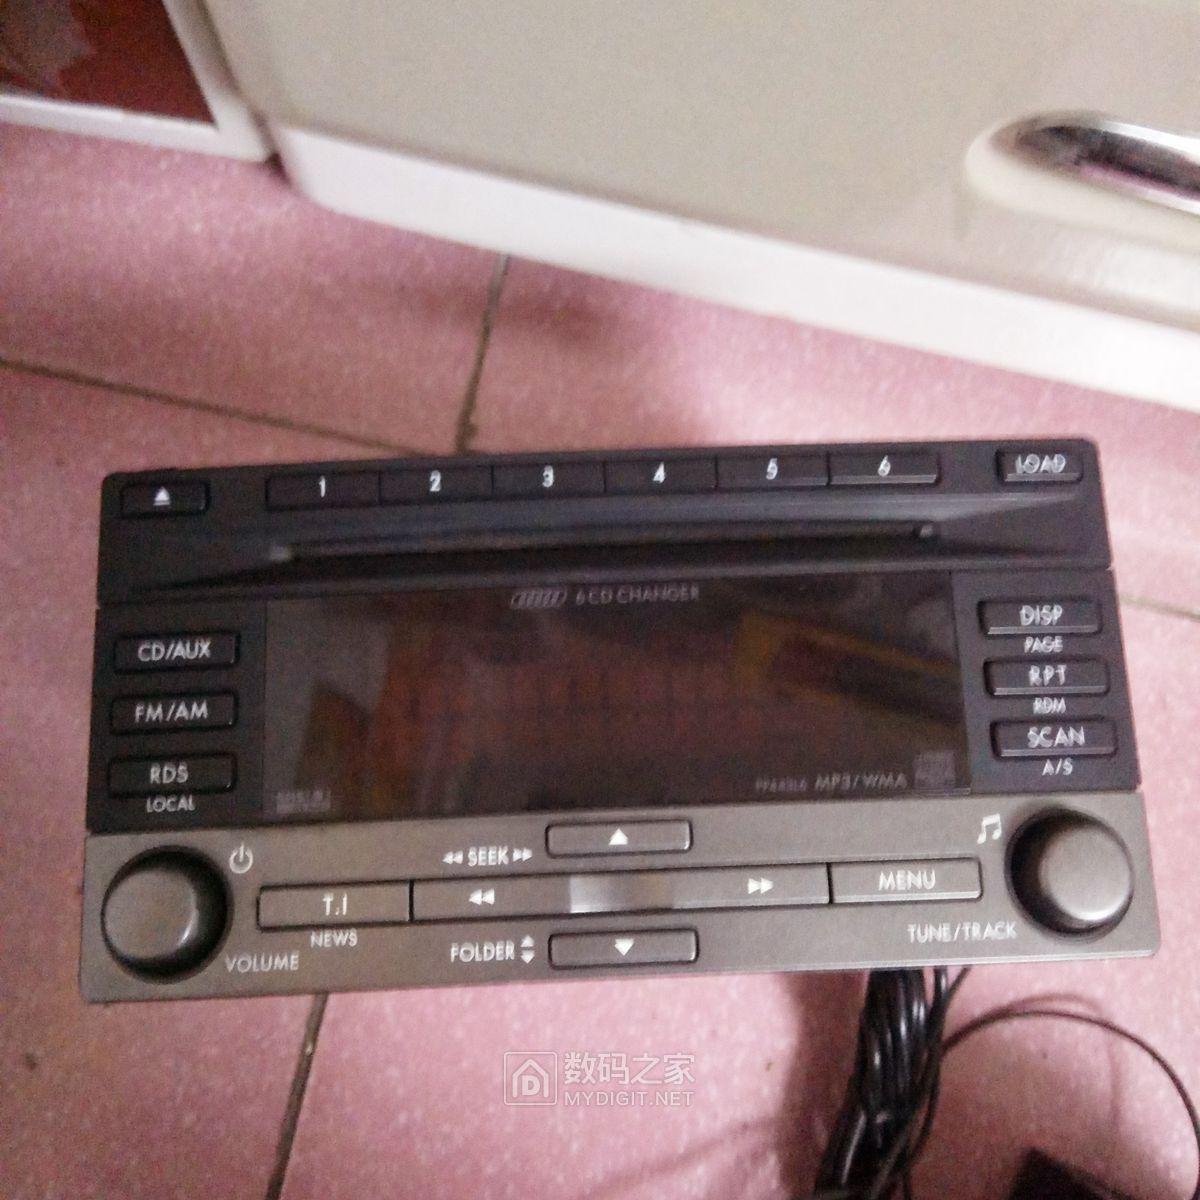 斯巴鲁森林人进口6碟CD机(日本松下大阪工厂产)疑惑